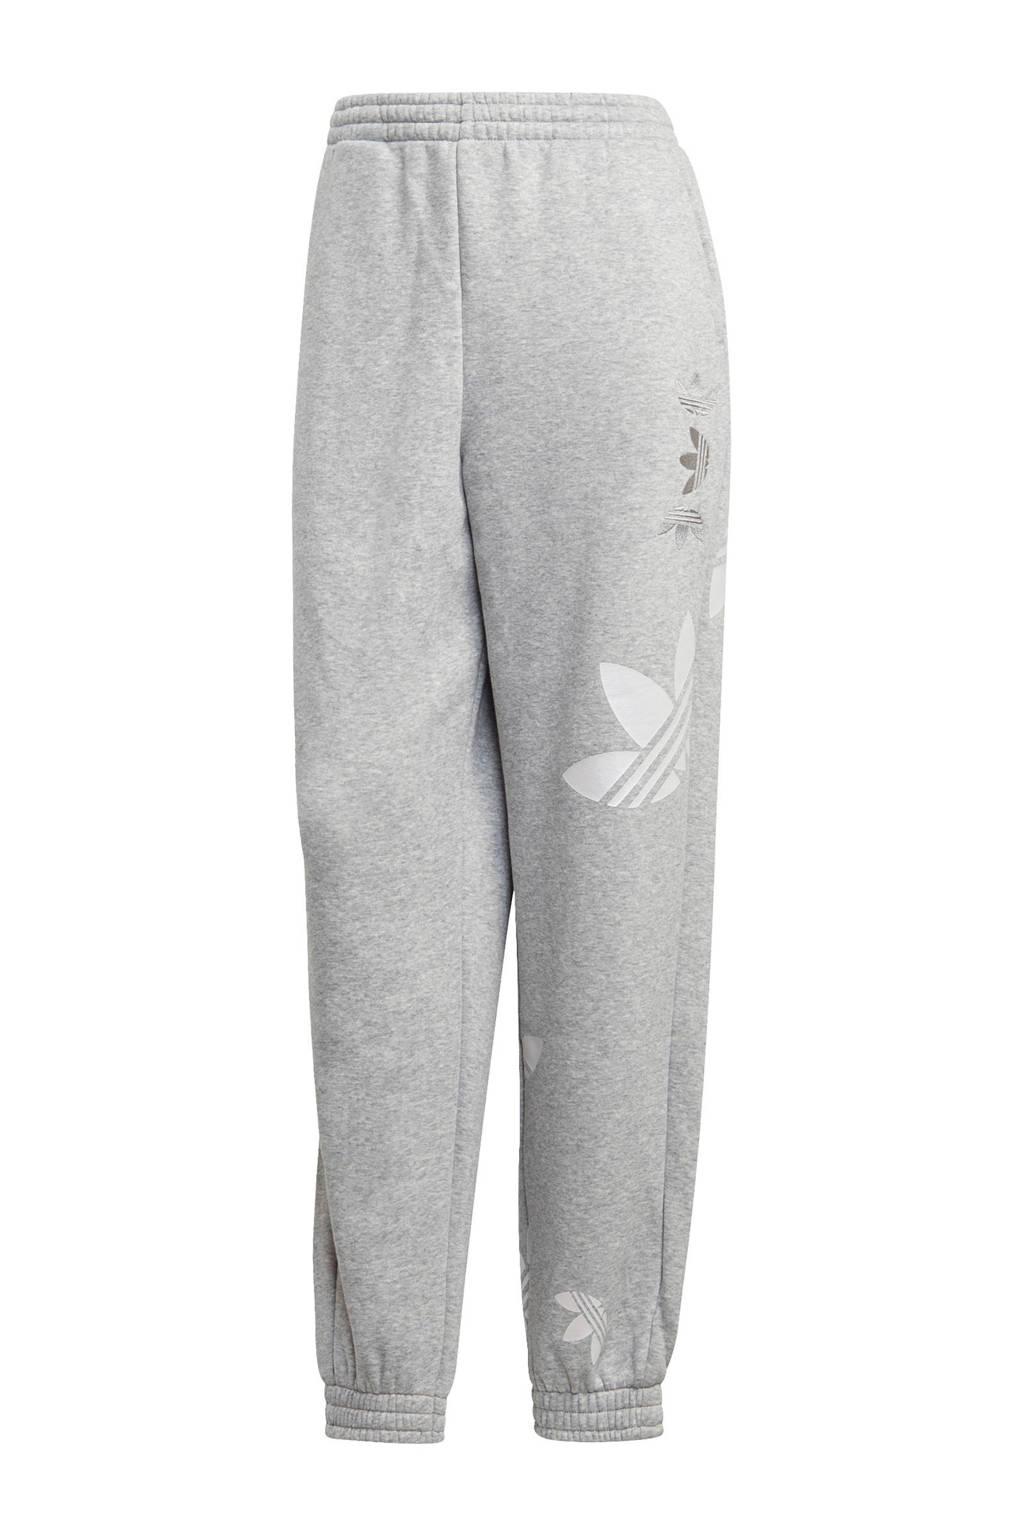 adidas Originals Adicolor joggingbroek grijs melange/wit, Grijs melange/wit